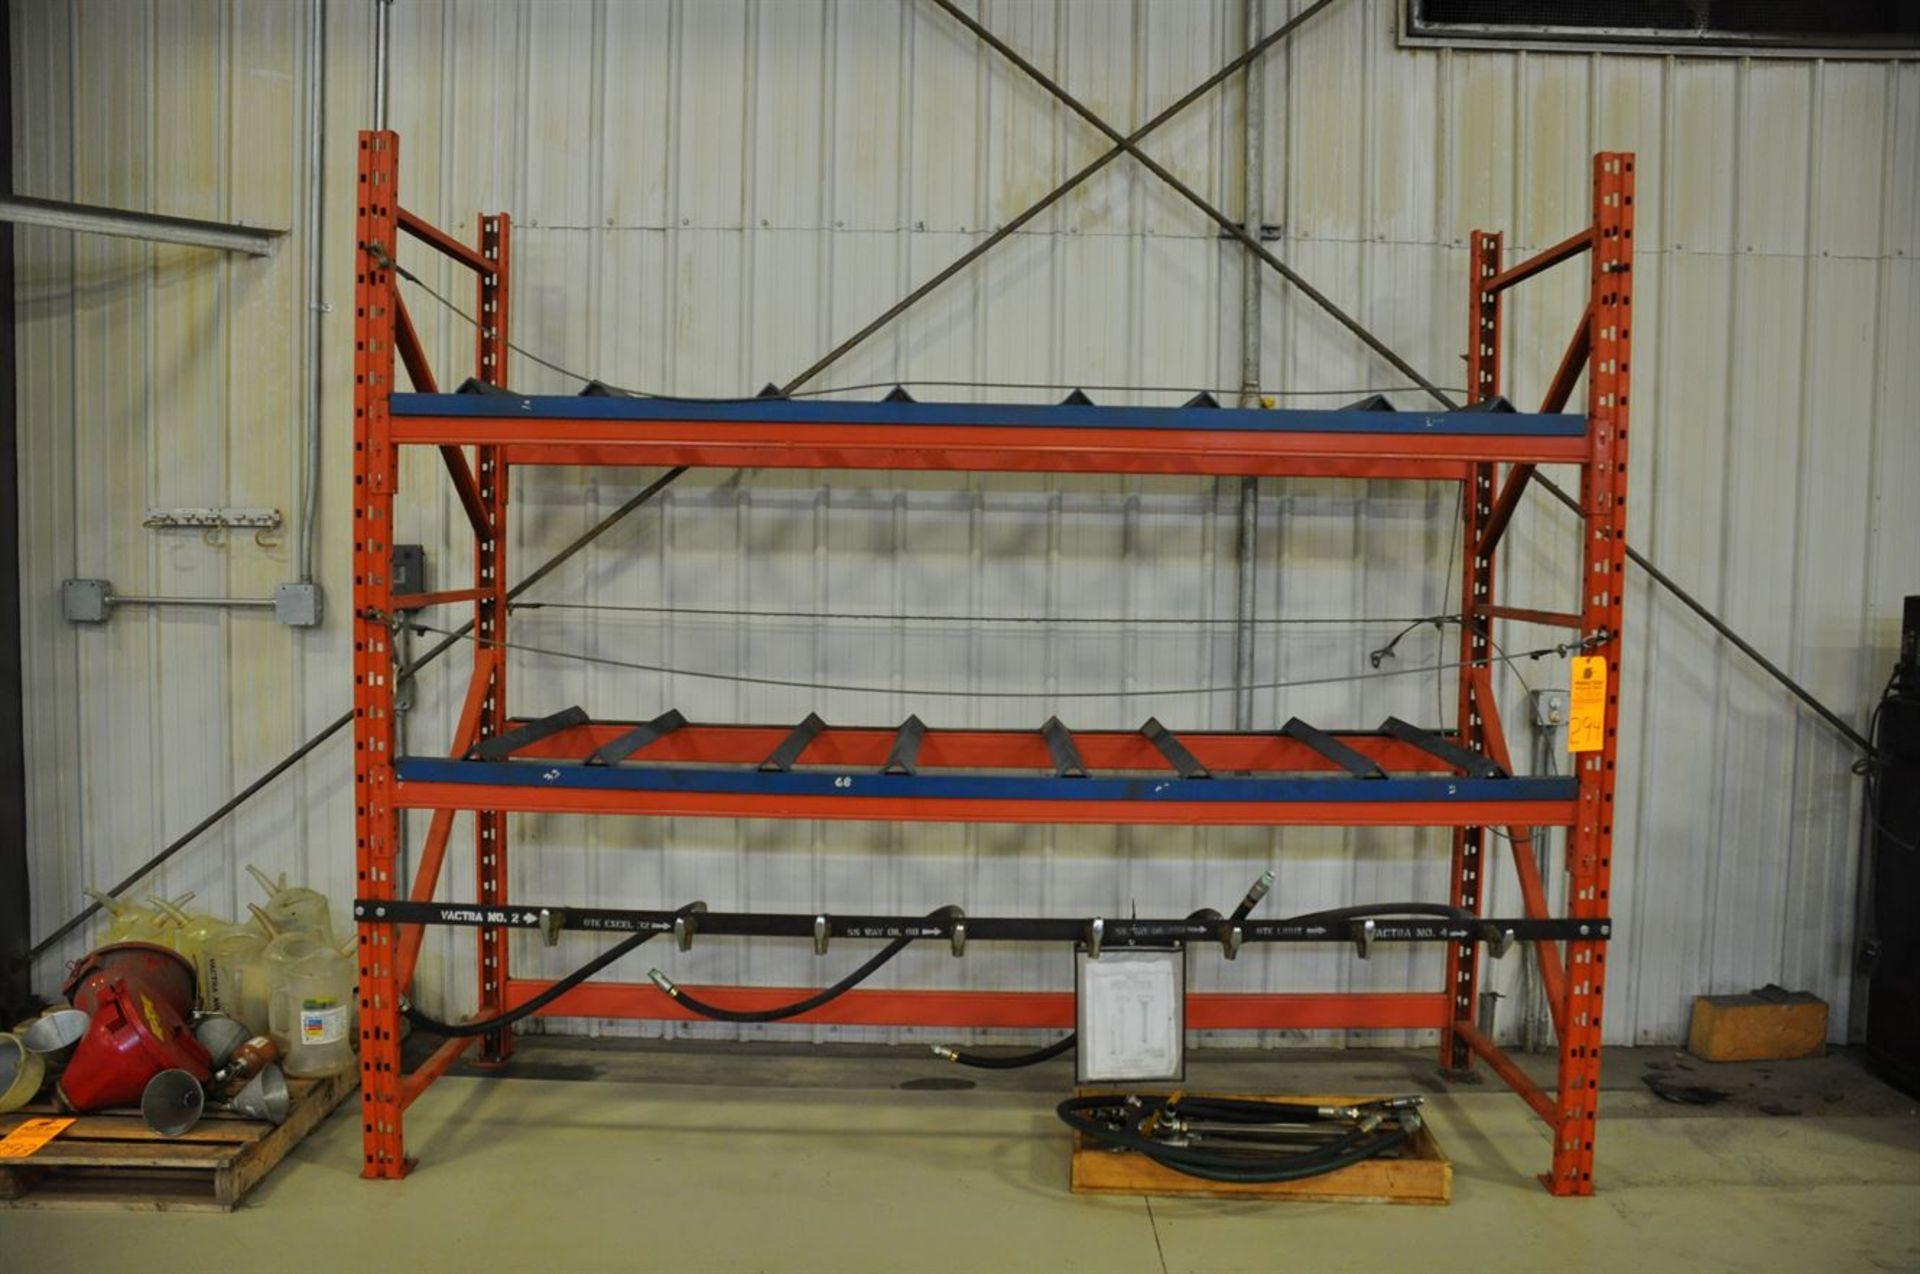 Drum Storage Rack, Capacity 8 drums, w/plumbing